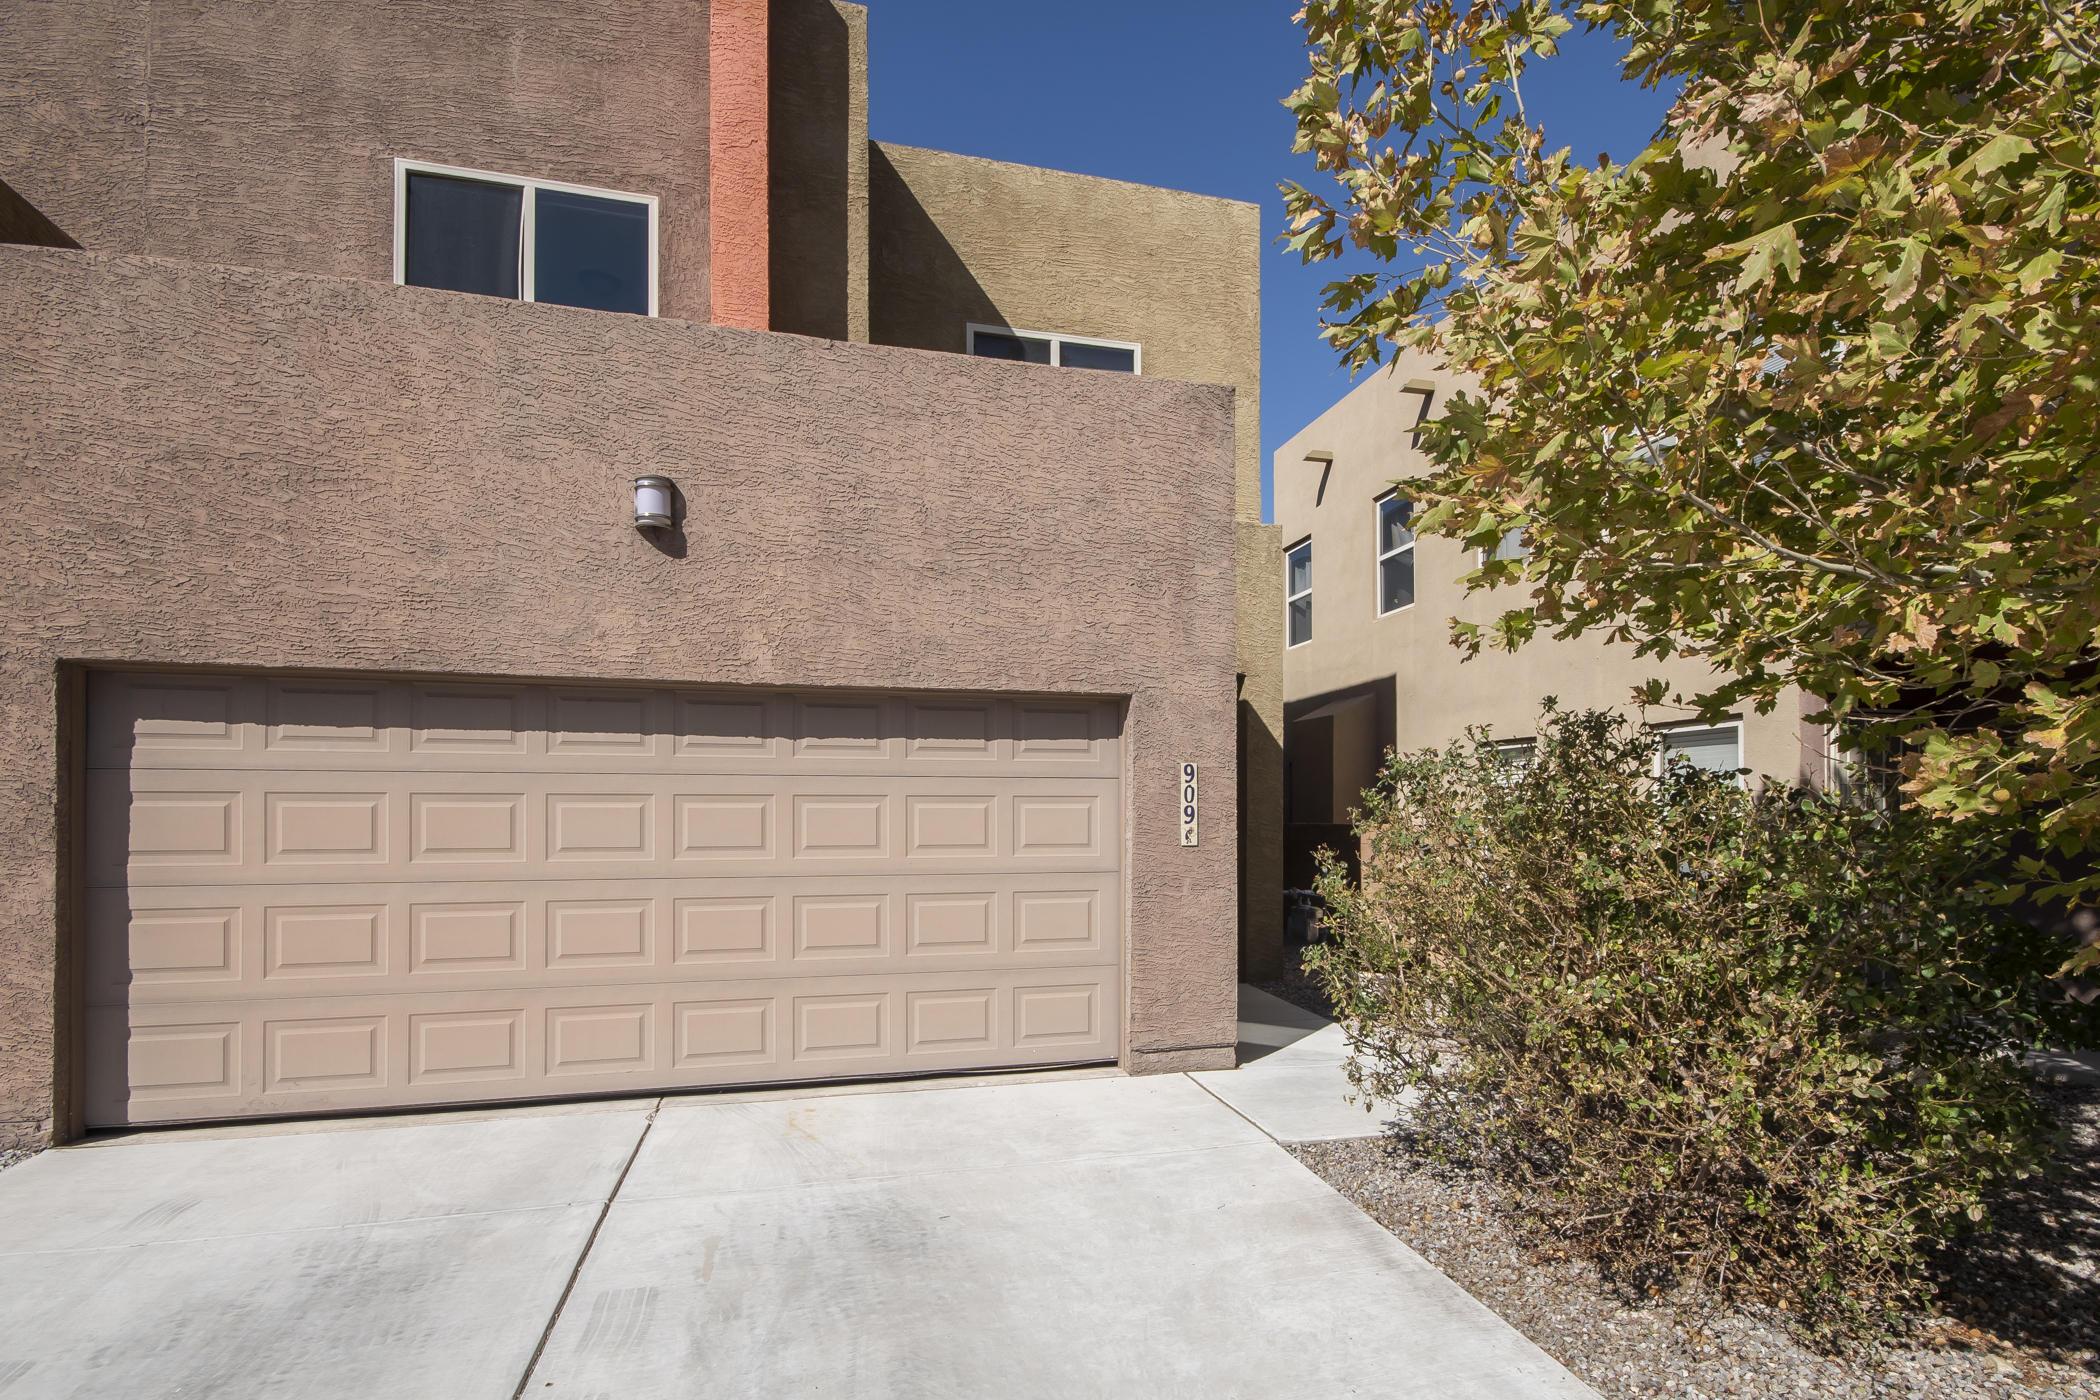 909 Tieran Court, Albuquerque NM 87112